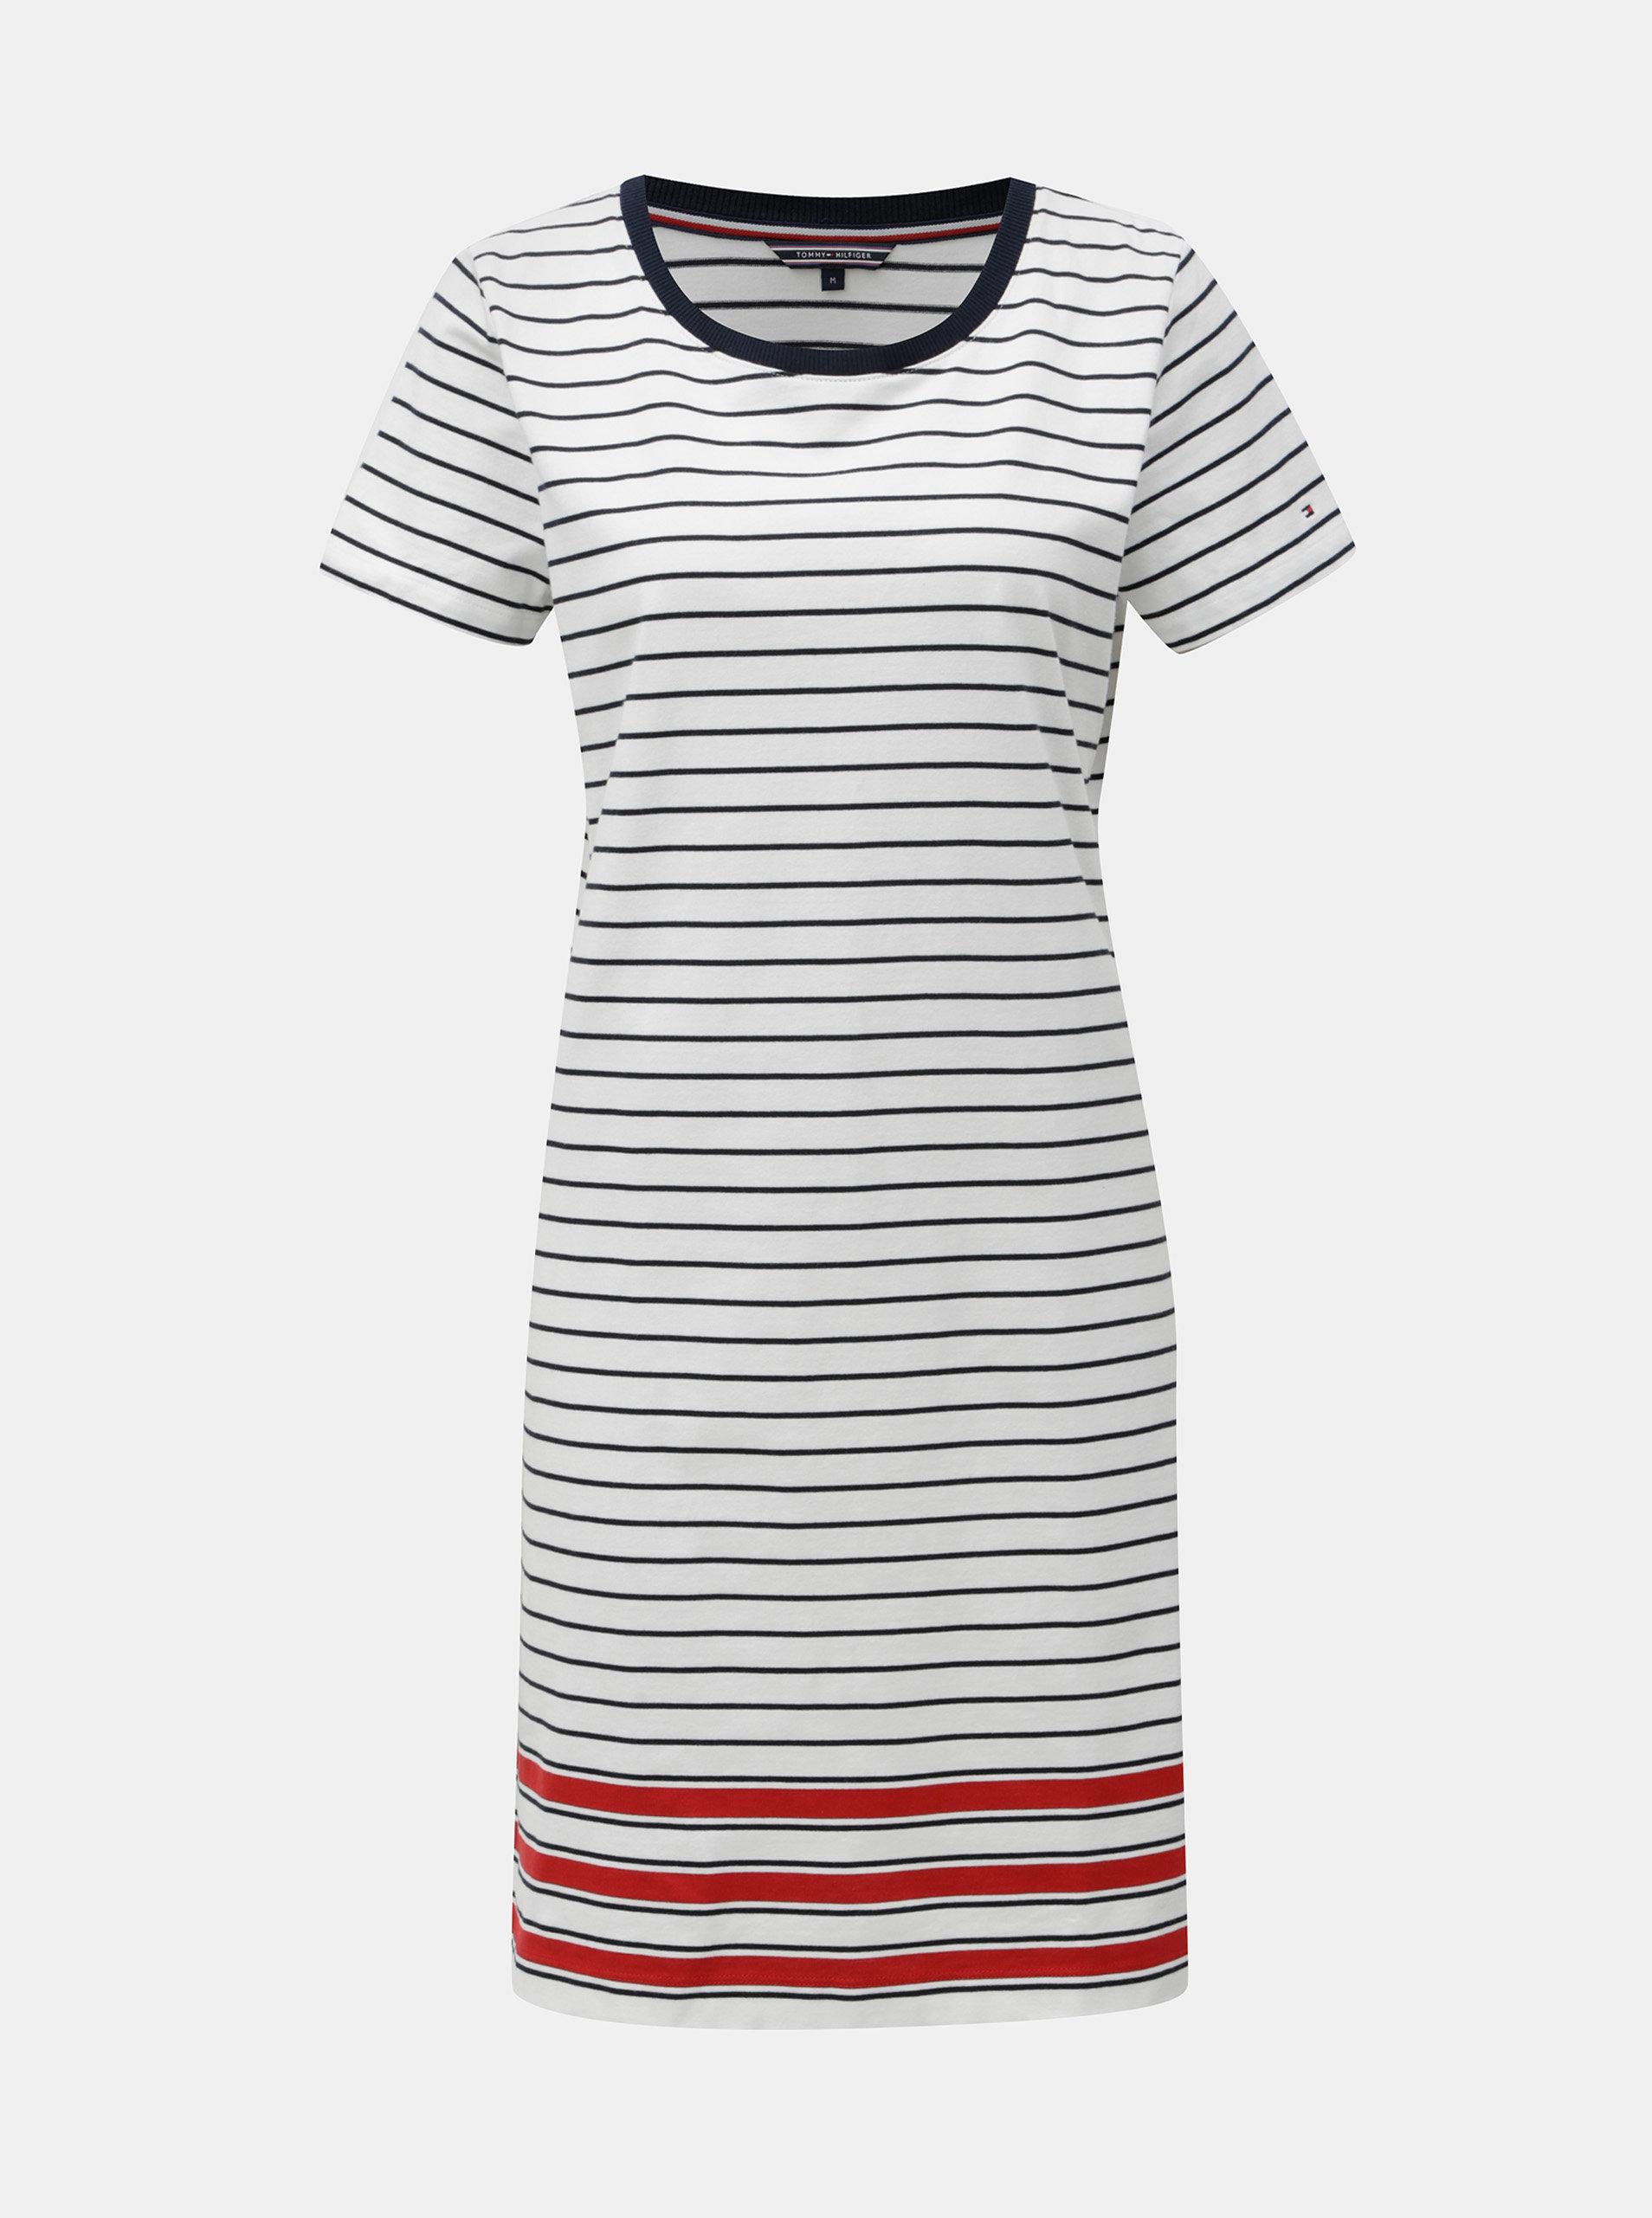 Bílé pruhované šaty s krátkým rukávem Tommy Hilfiger Diara ... ca80ac963b9